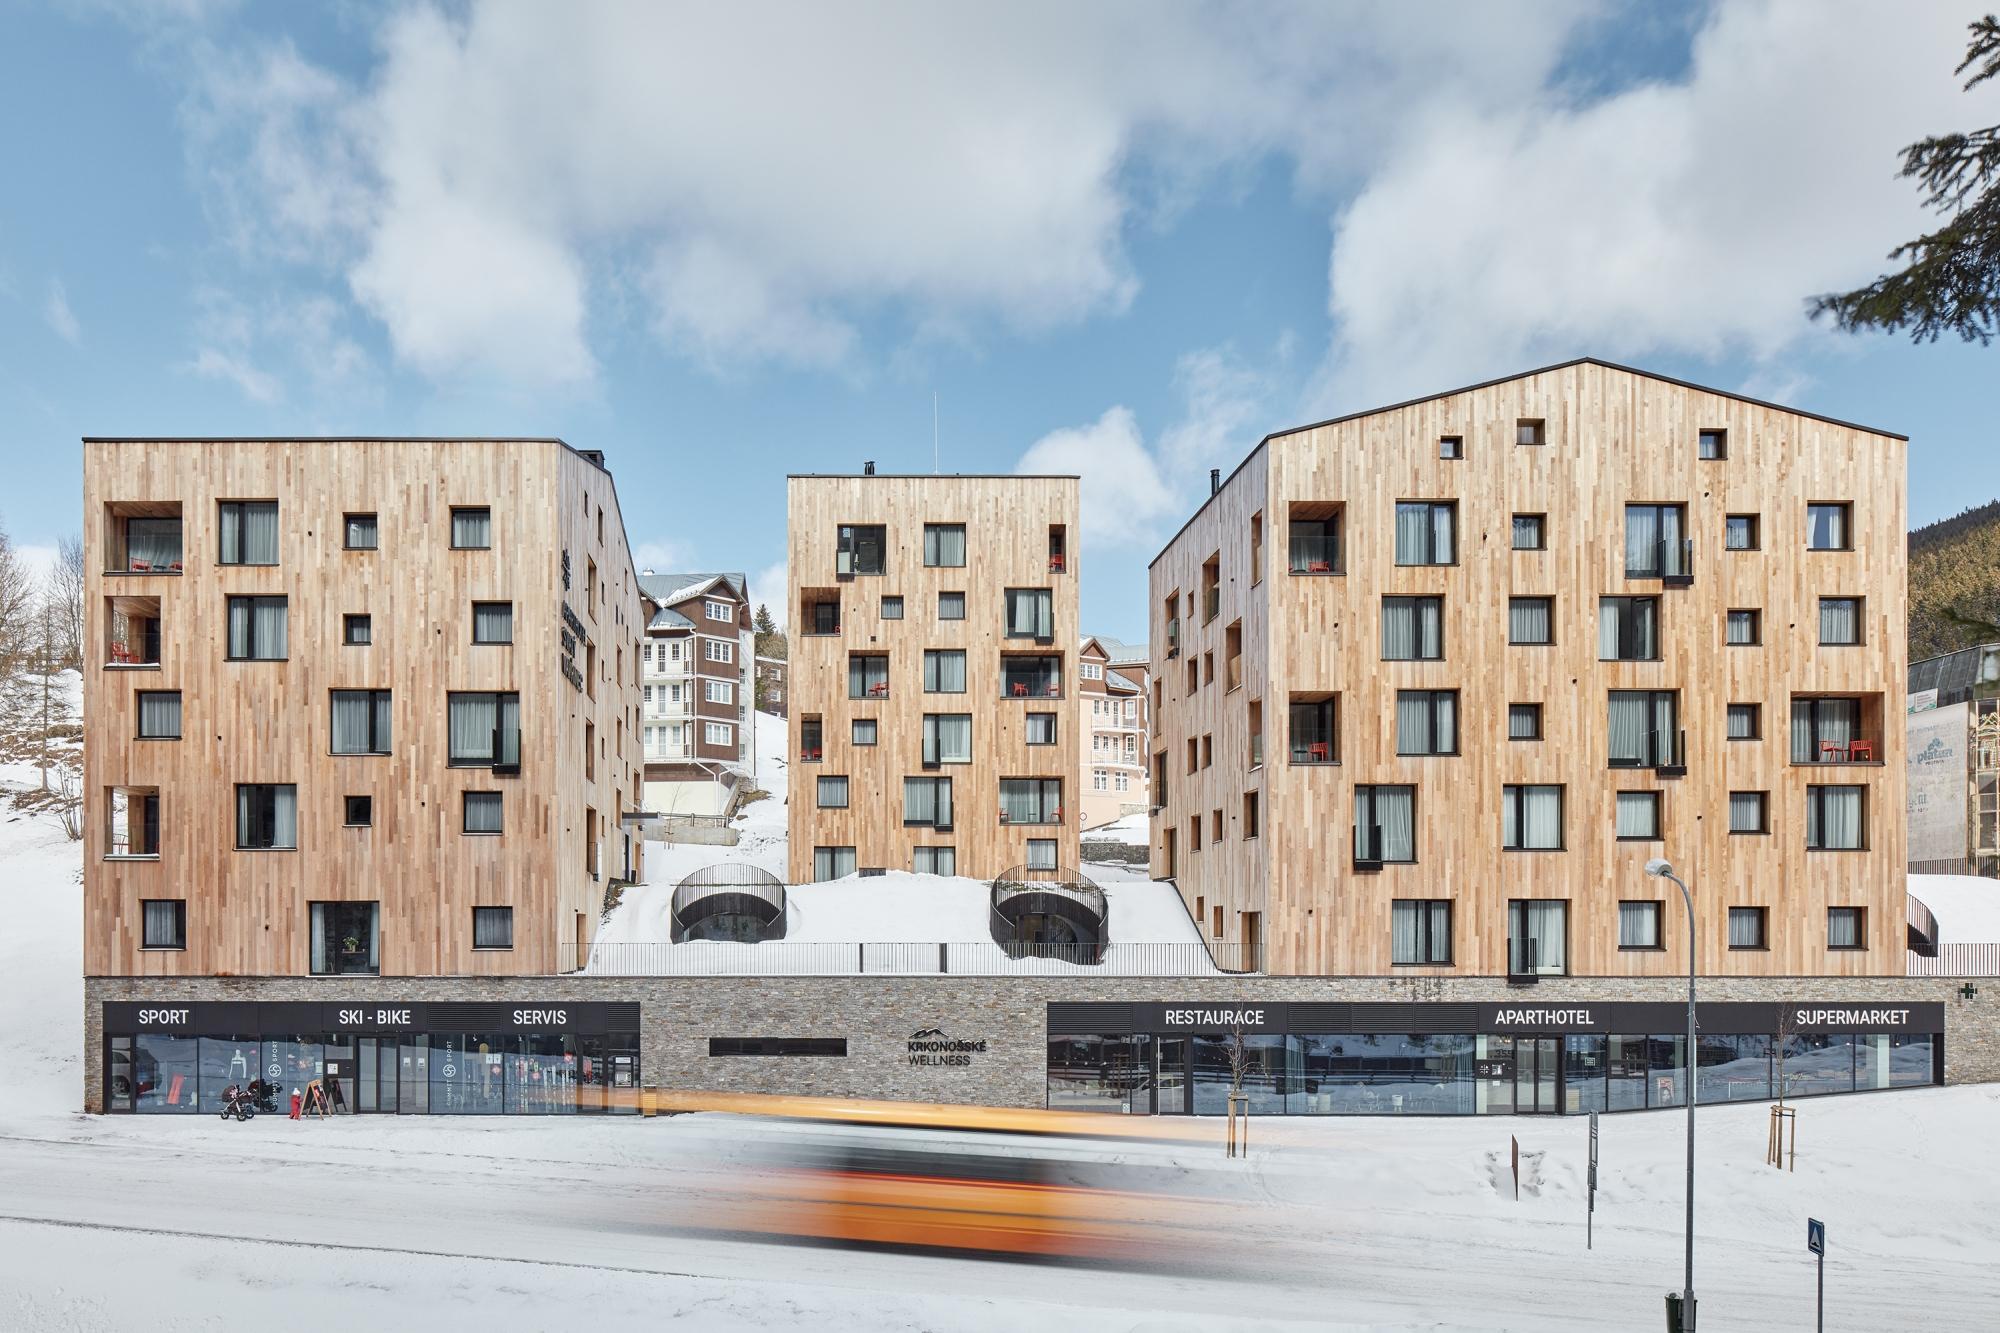 hotel pod Śnieżką